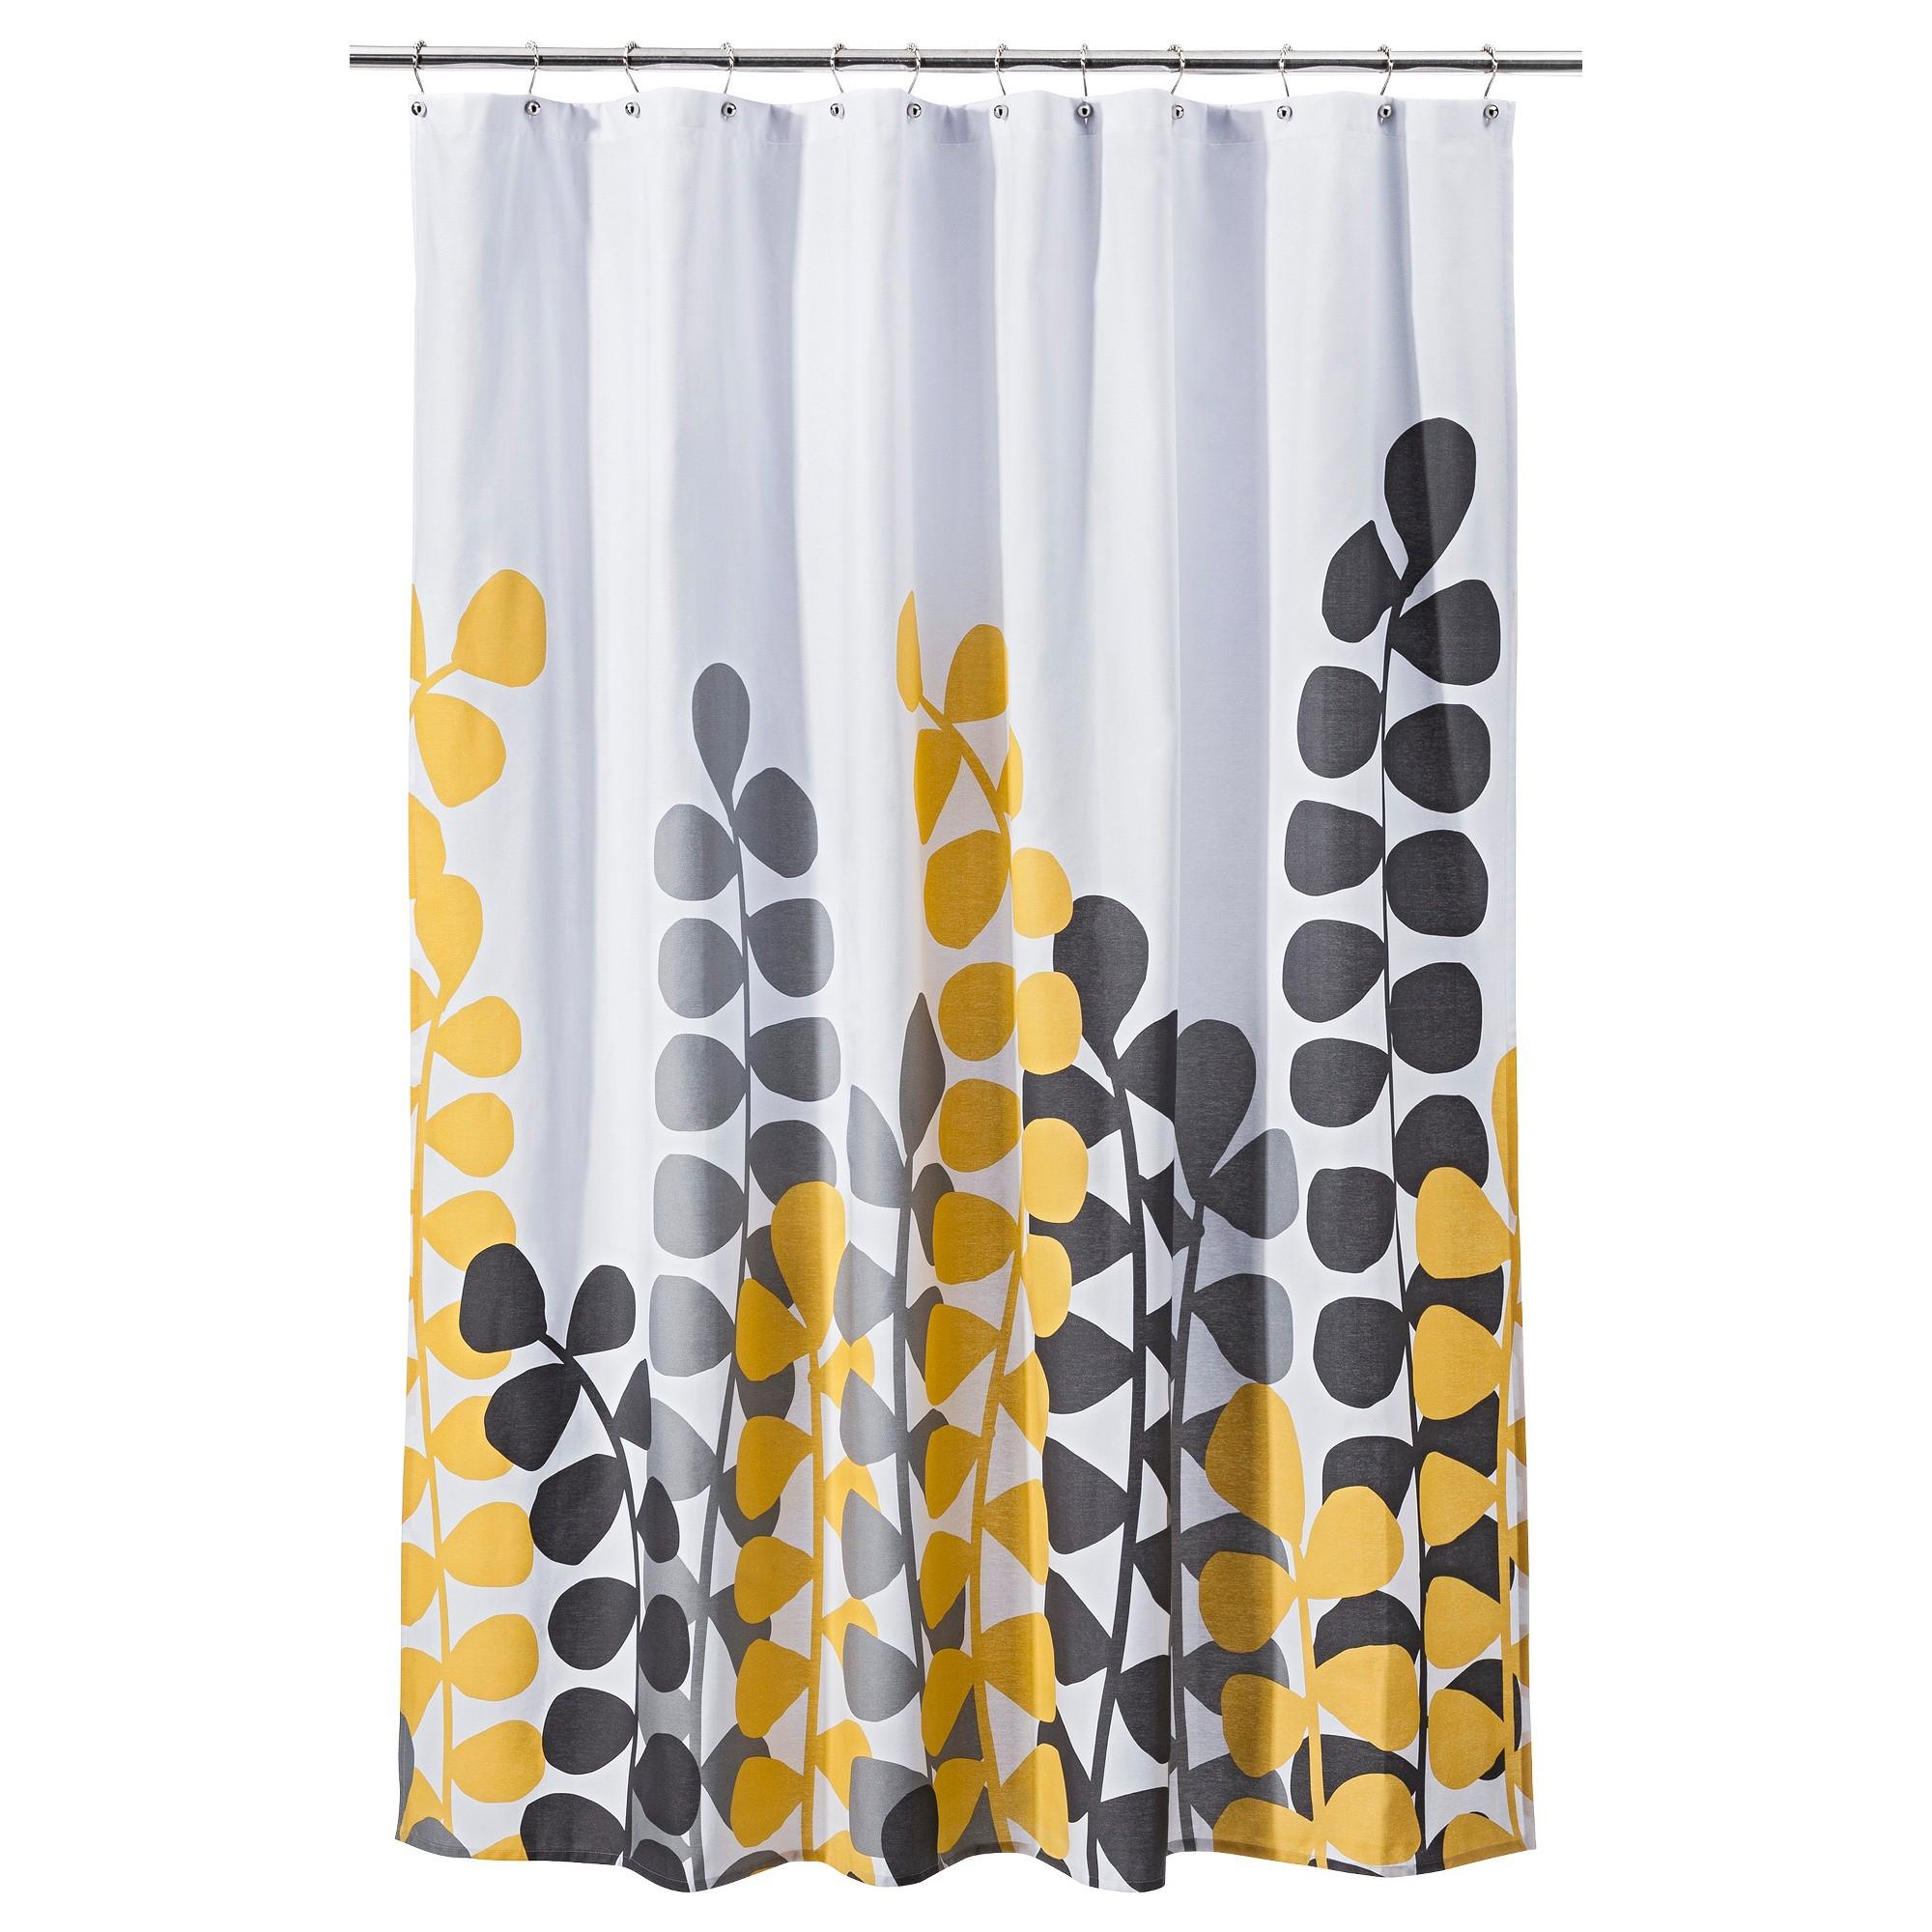 vine shower curtain yellow gray